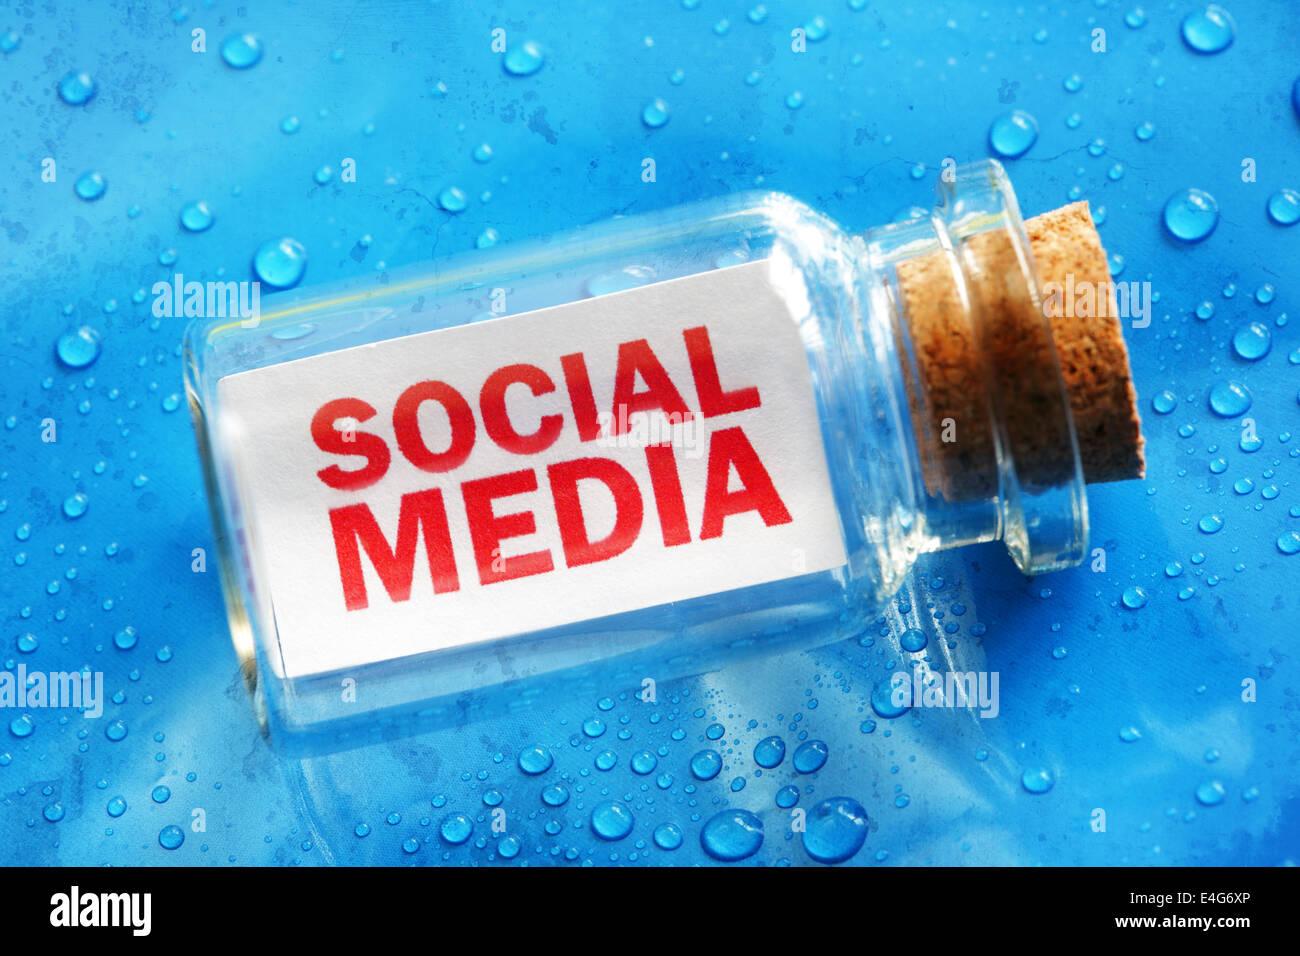 Social media message dans une bouteille Photo Stock